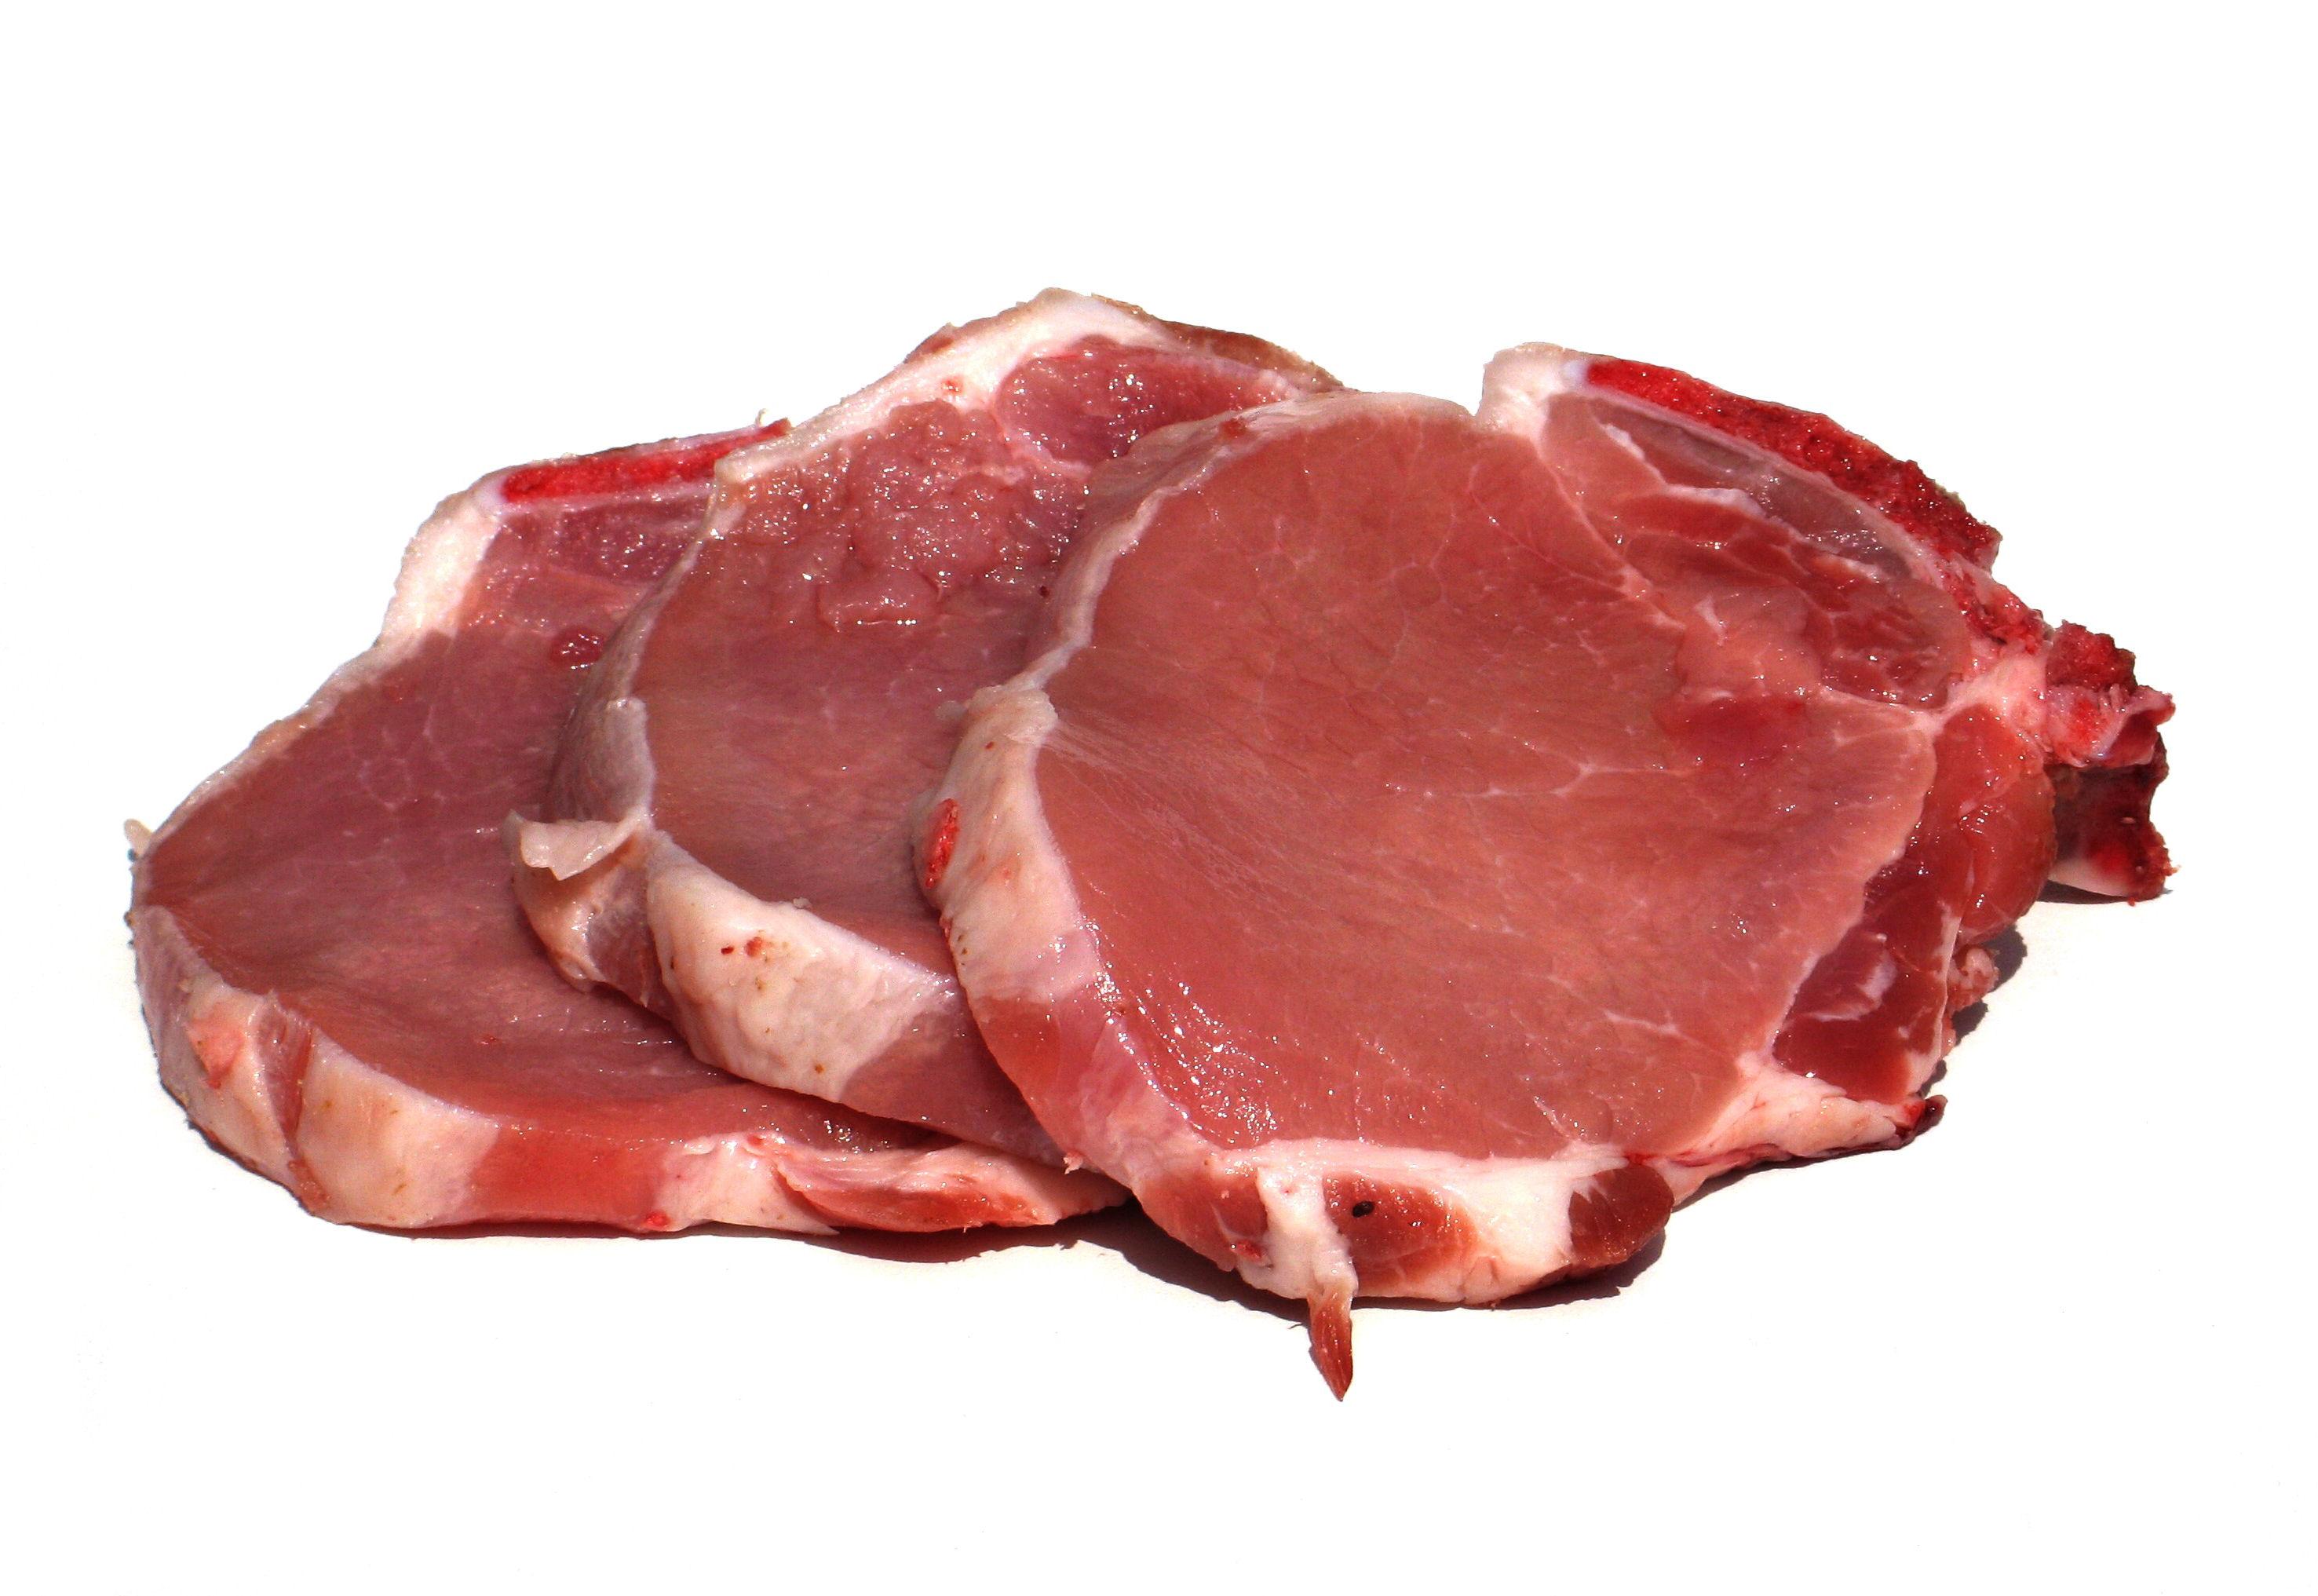 Kocham Gotować rzuca mięsem w Sokołów. Tylko czy słusznie?